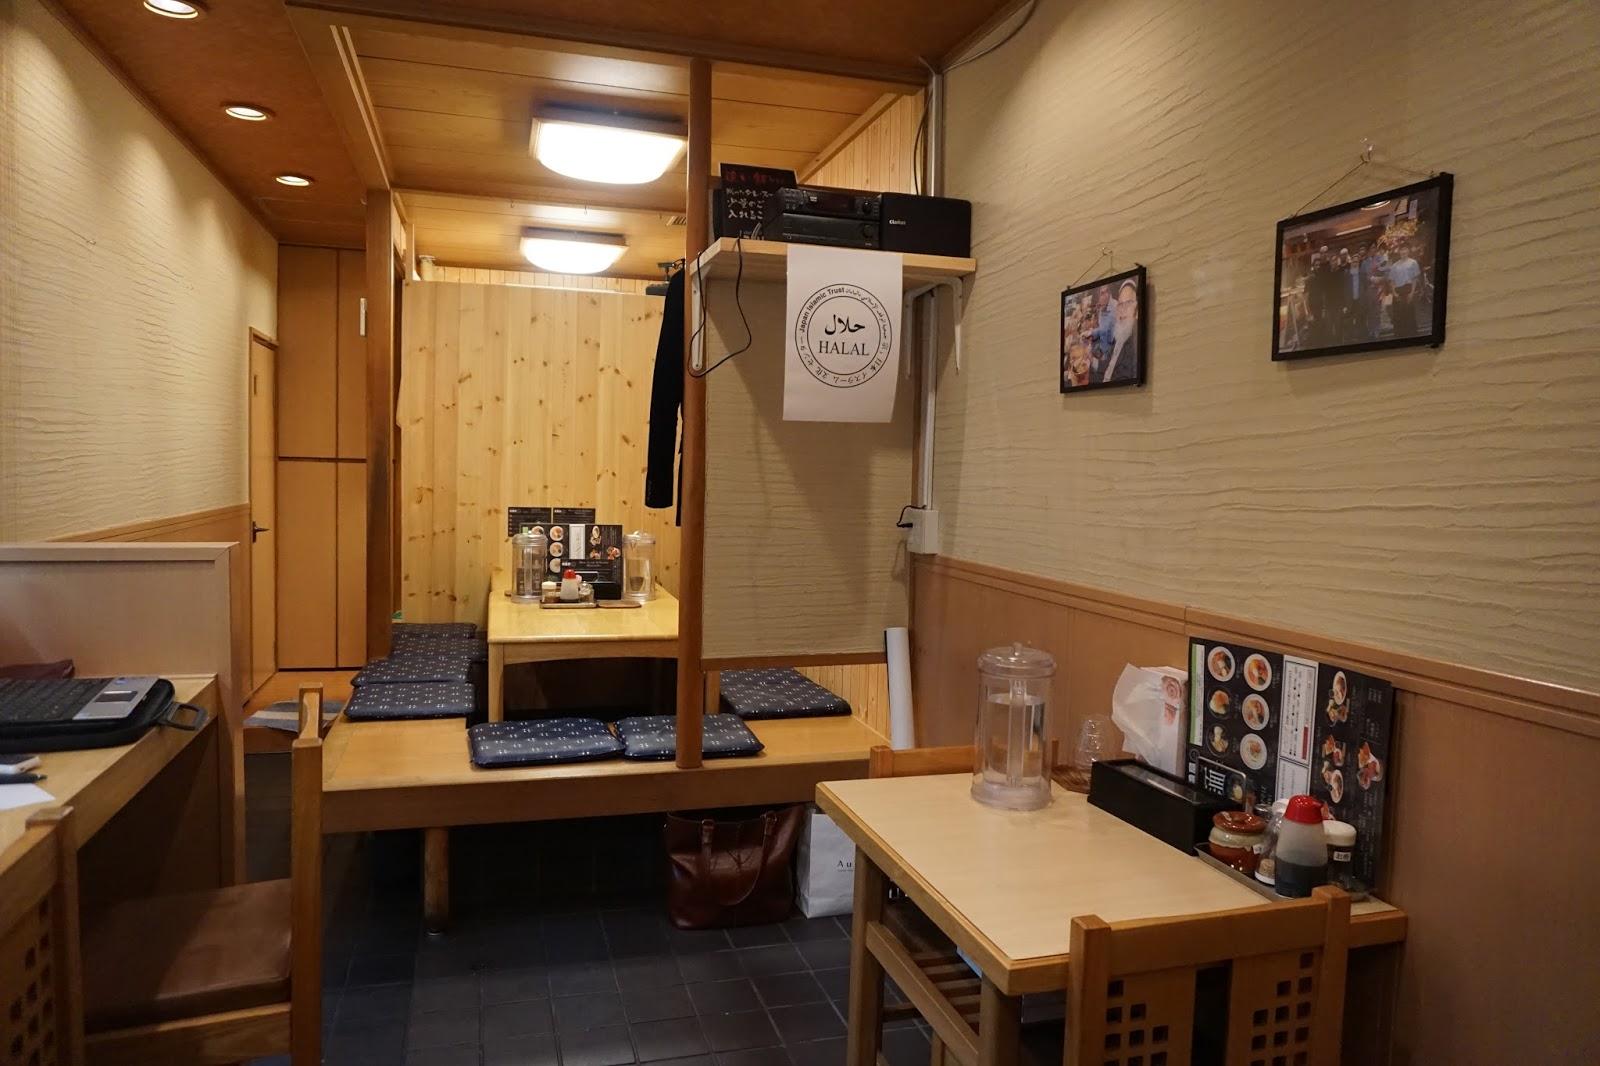 fmpassportpages.blogspot.com